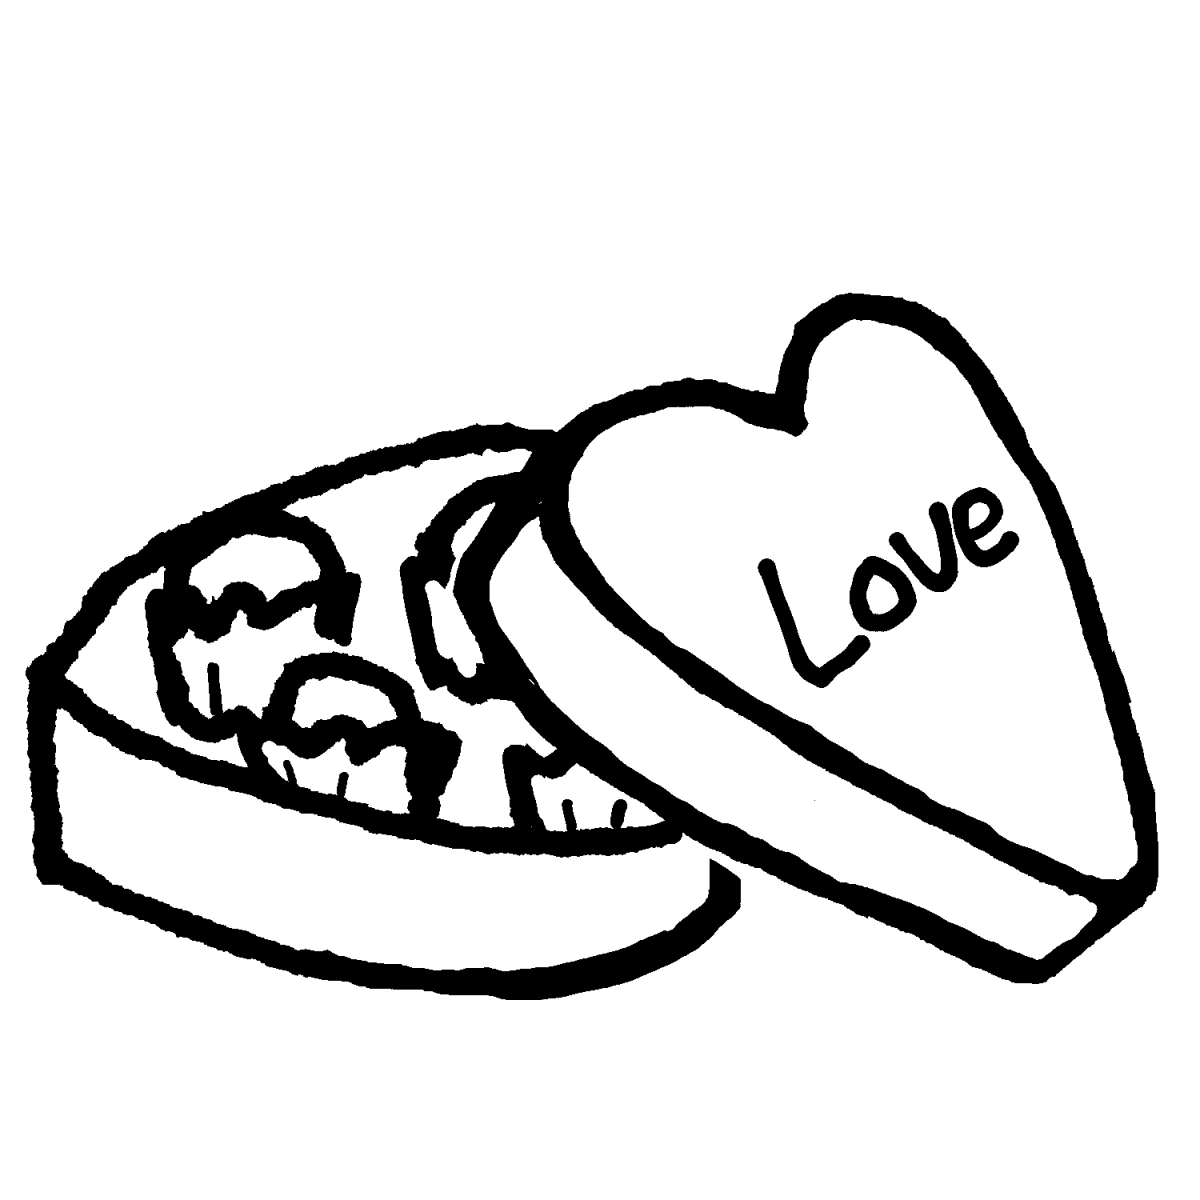 ハート型の箱入りチョコレートのイラスト / Heart boxed chocolate Illustration